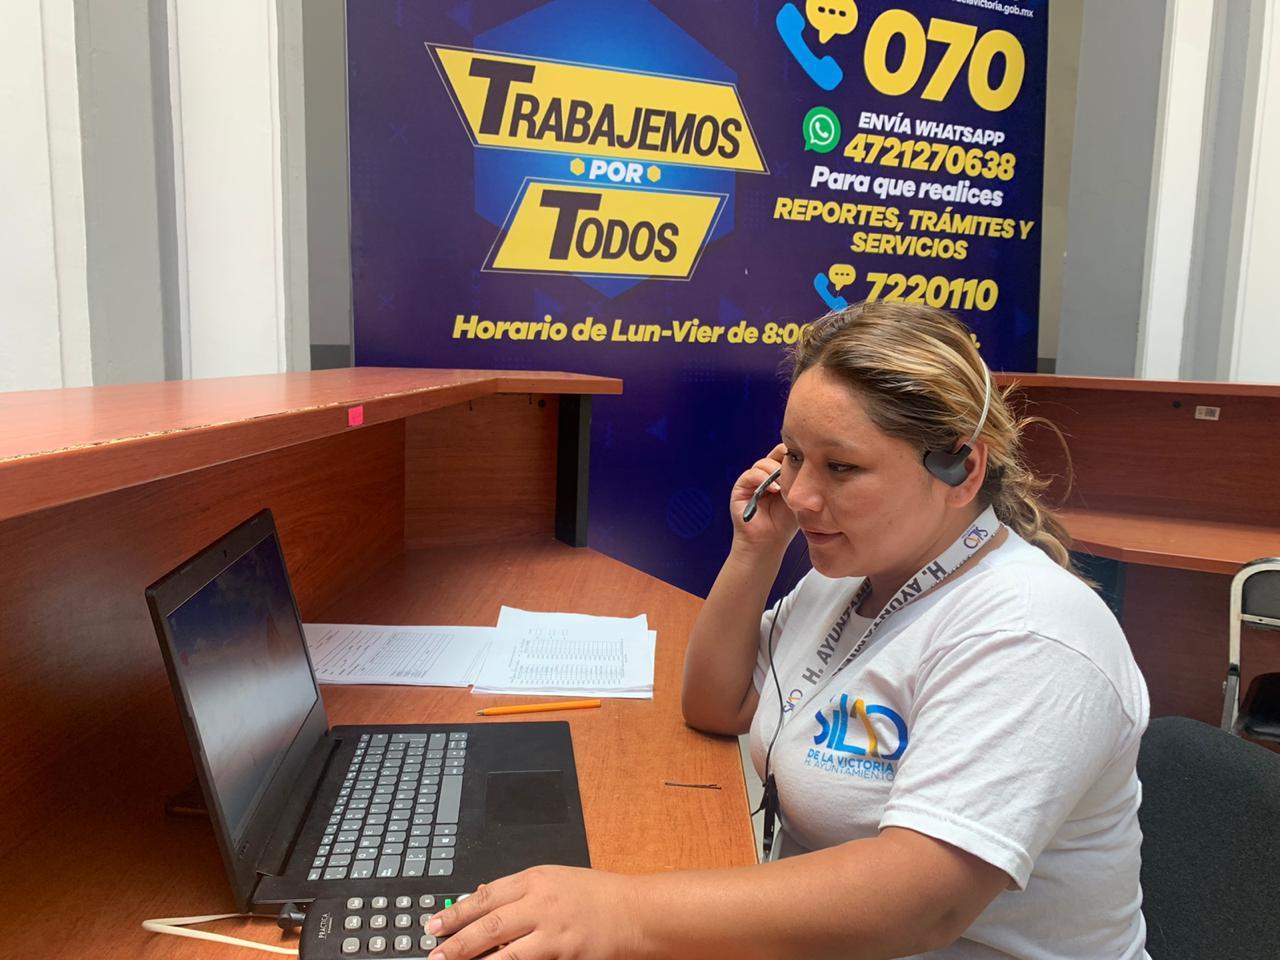 A través del 070 pueden realizar reportes, trámites y servicios sin salir de casa